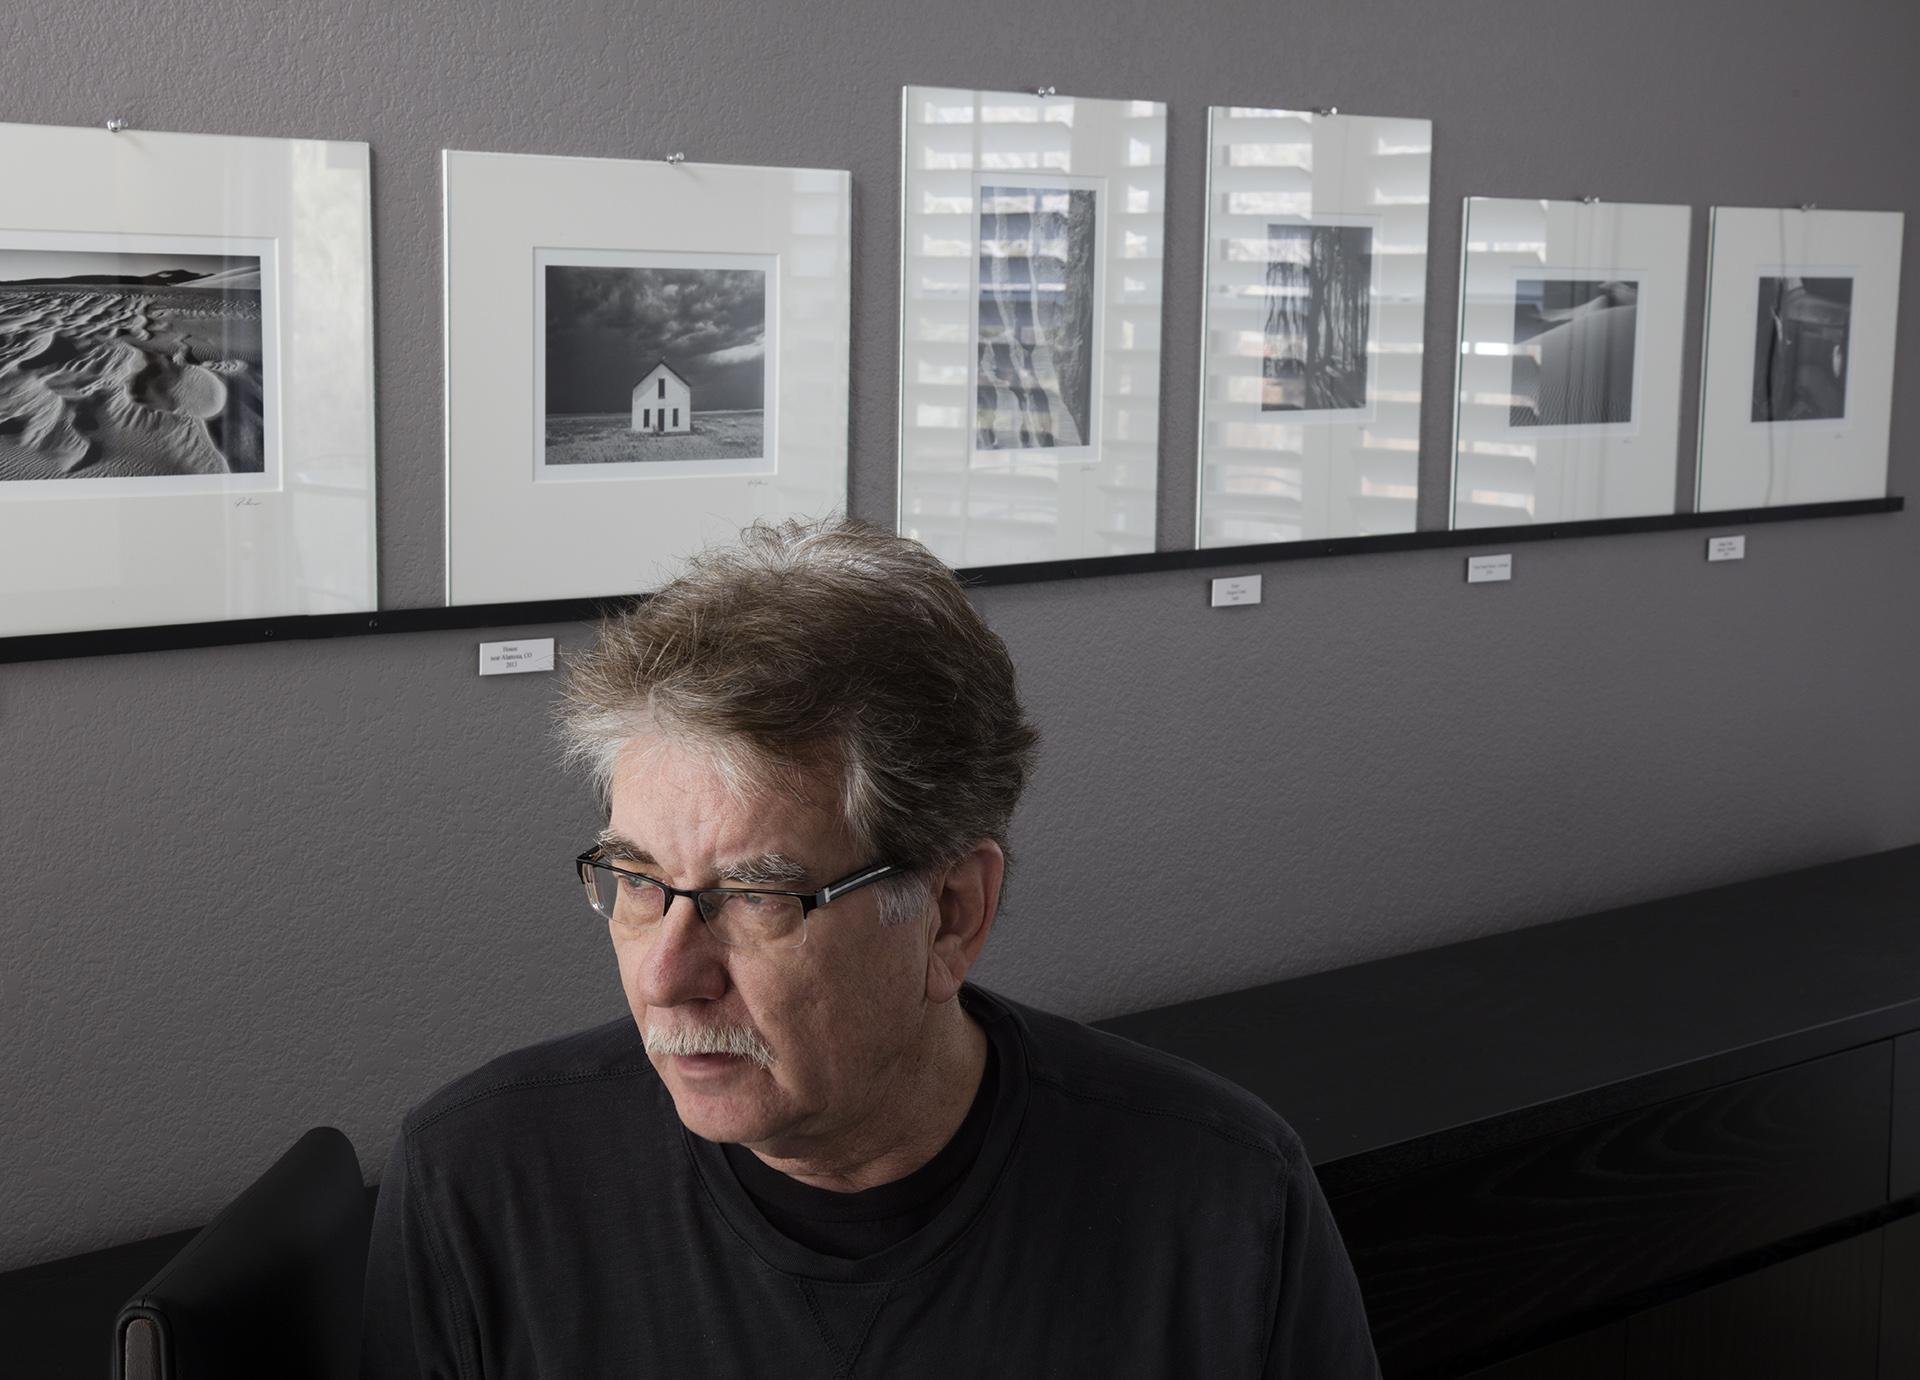 About Jim | Jim Johnson Commercial Photography, Denver